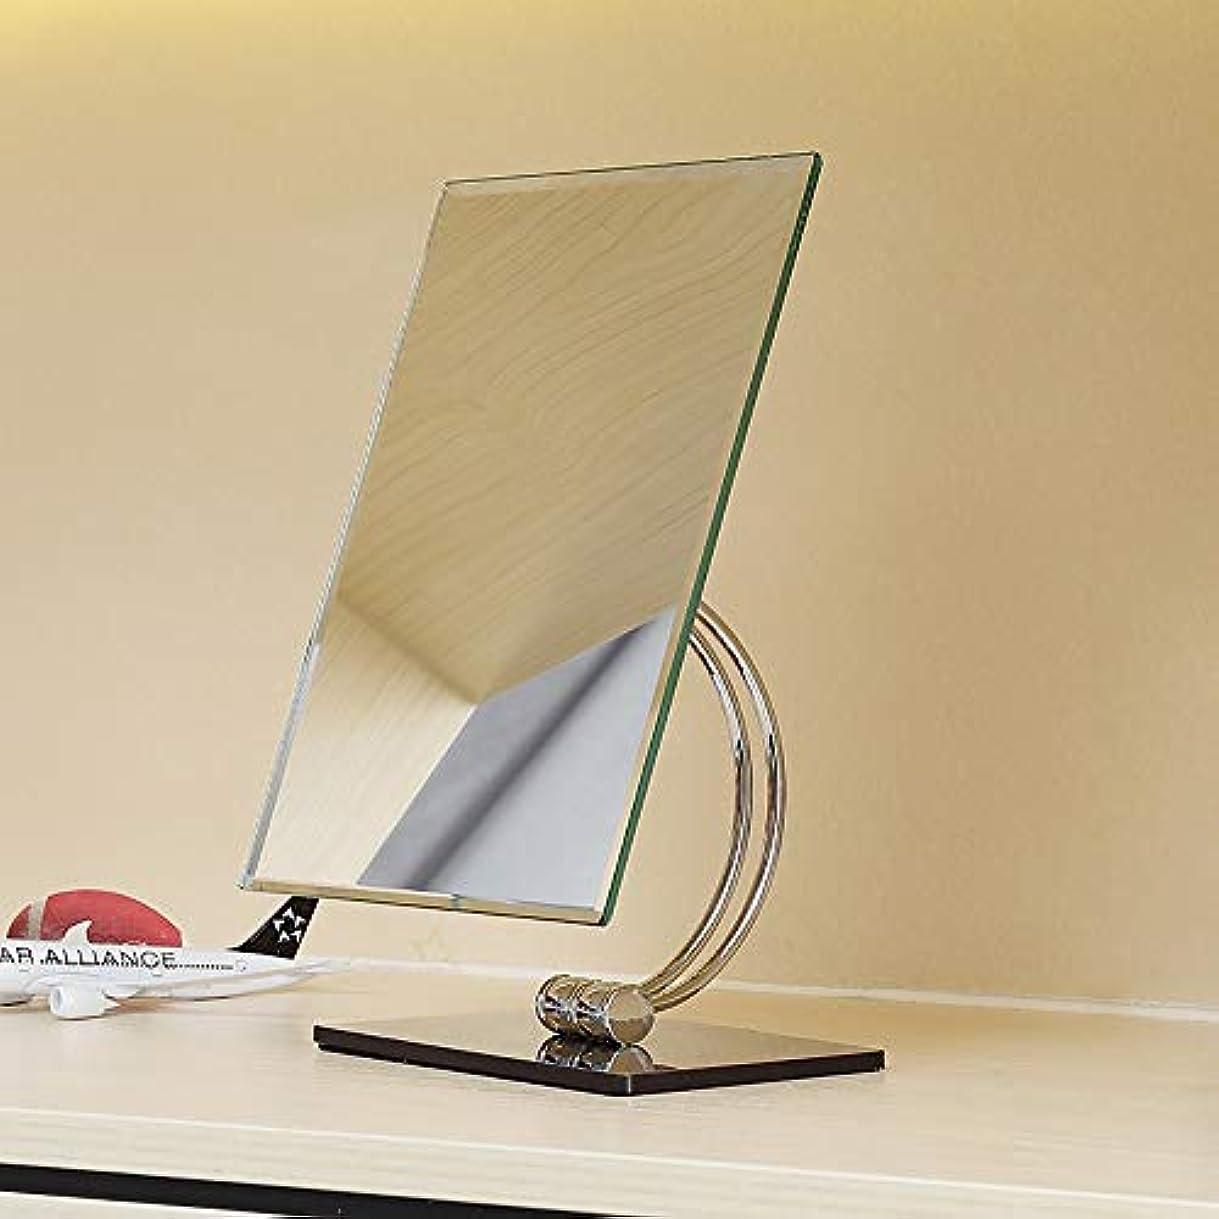 無実永遠のハード流行の スクエア片面HDステンレススチールシルバーミラー+ ABSプラスチックシェル化粧鏡ホームバニティミラーカウンターミラー